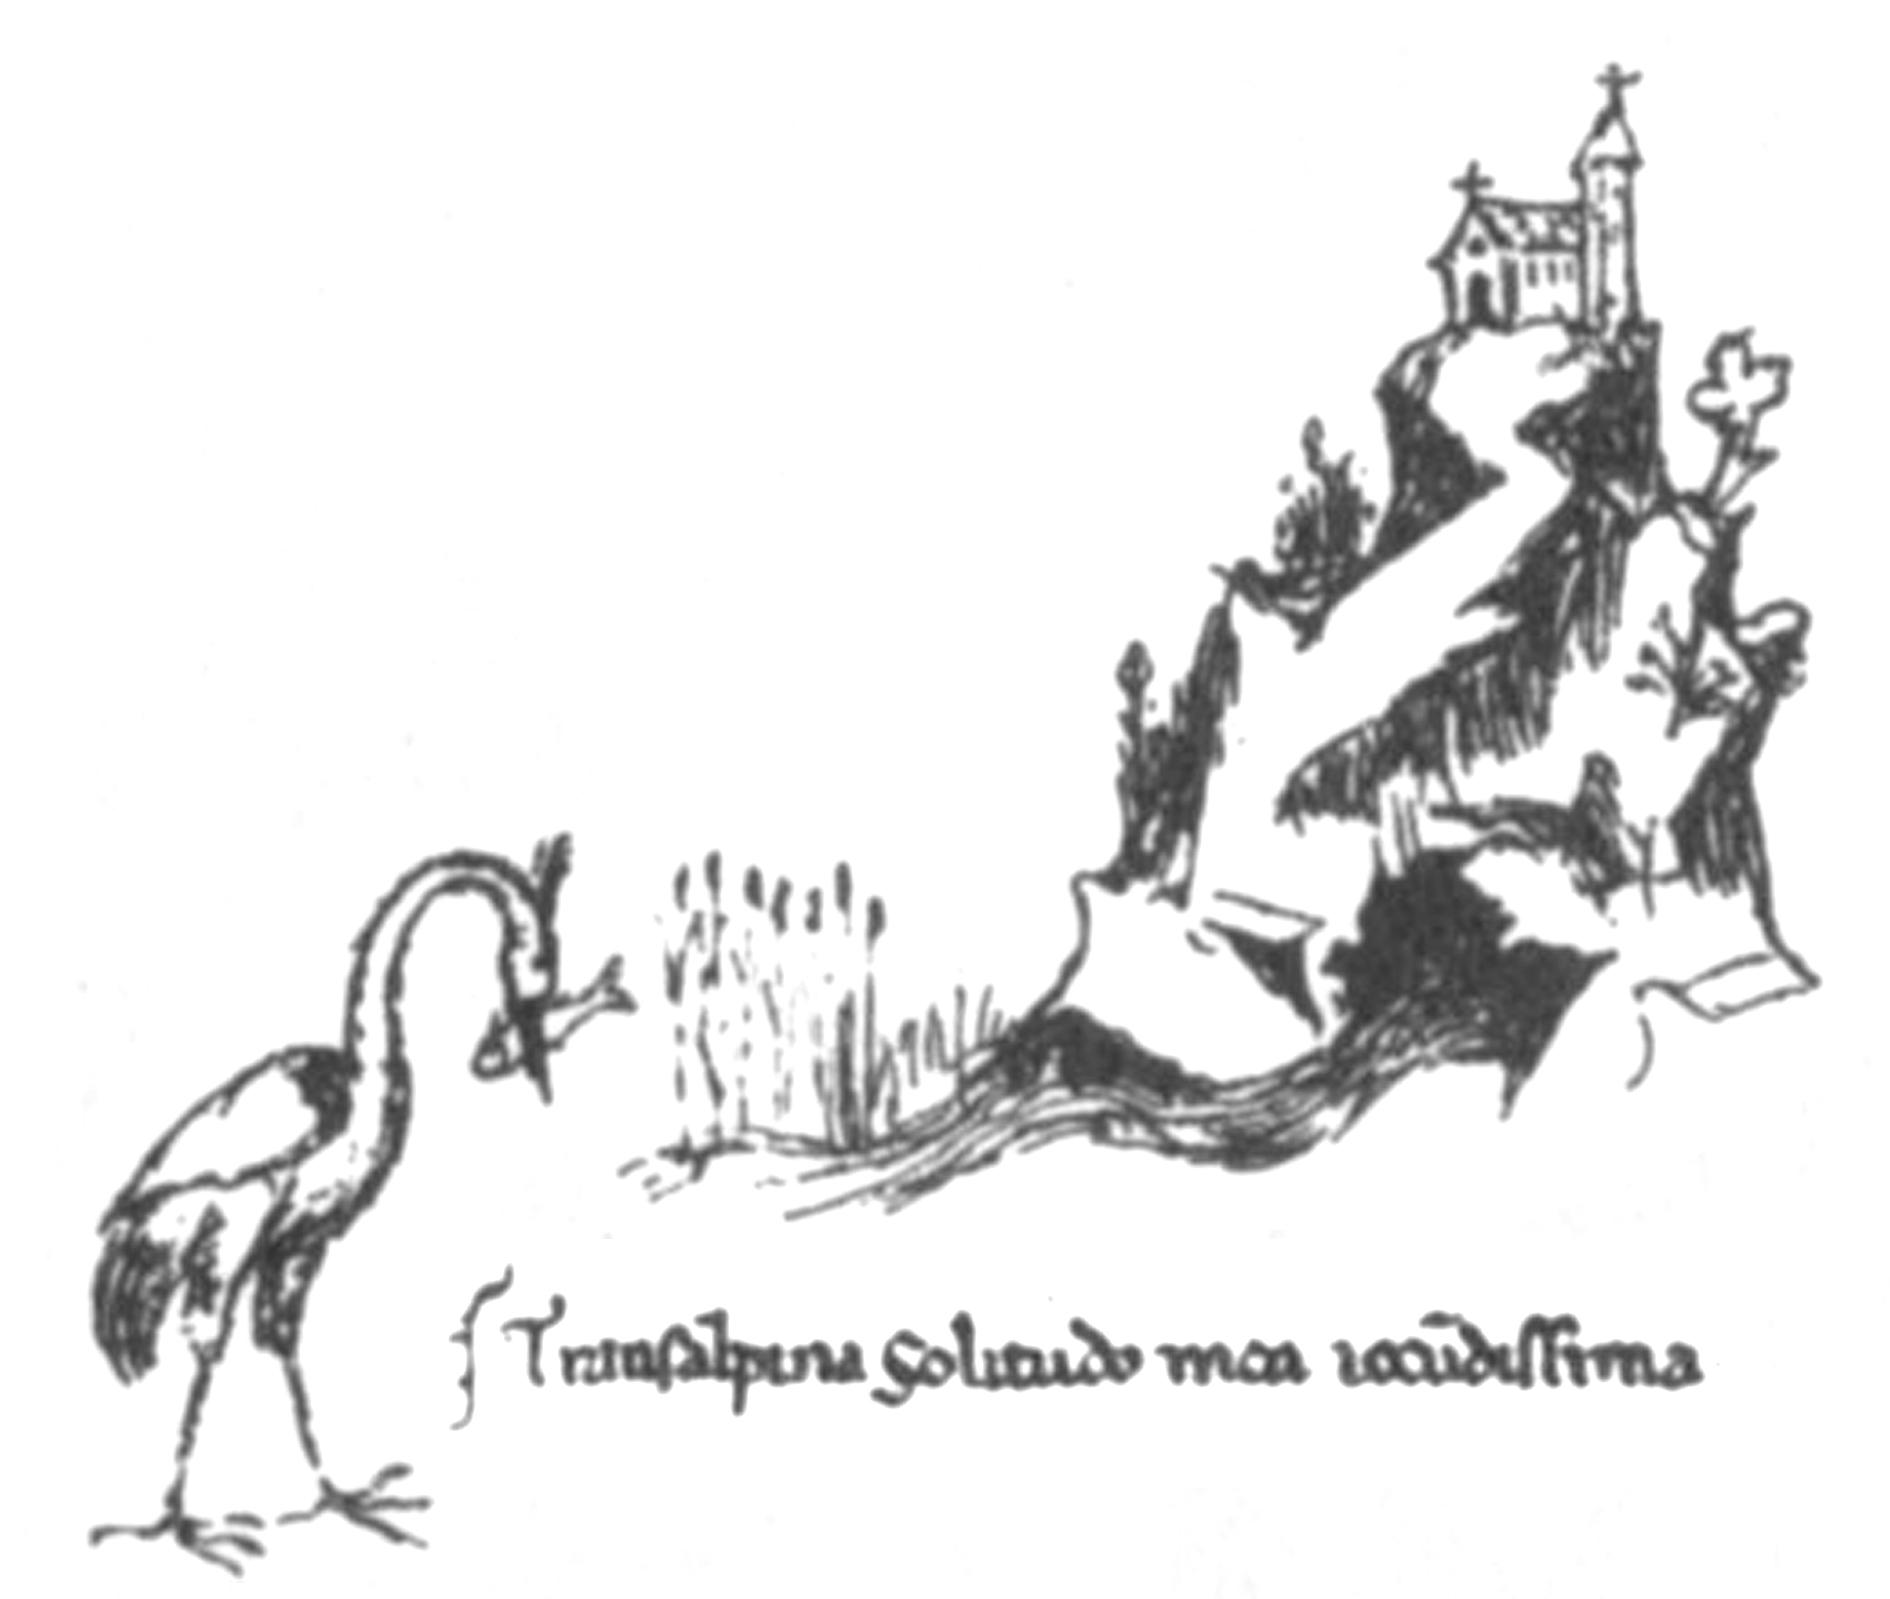 Dessin de la Fontaine de Vaucluse par Pétrarque